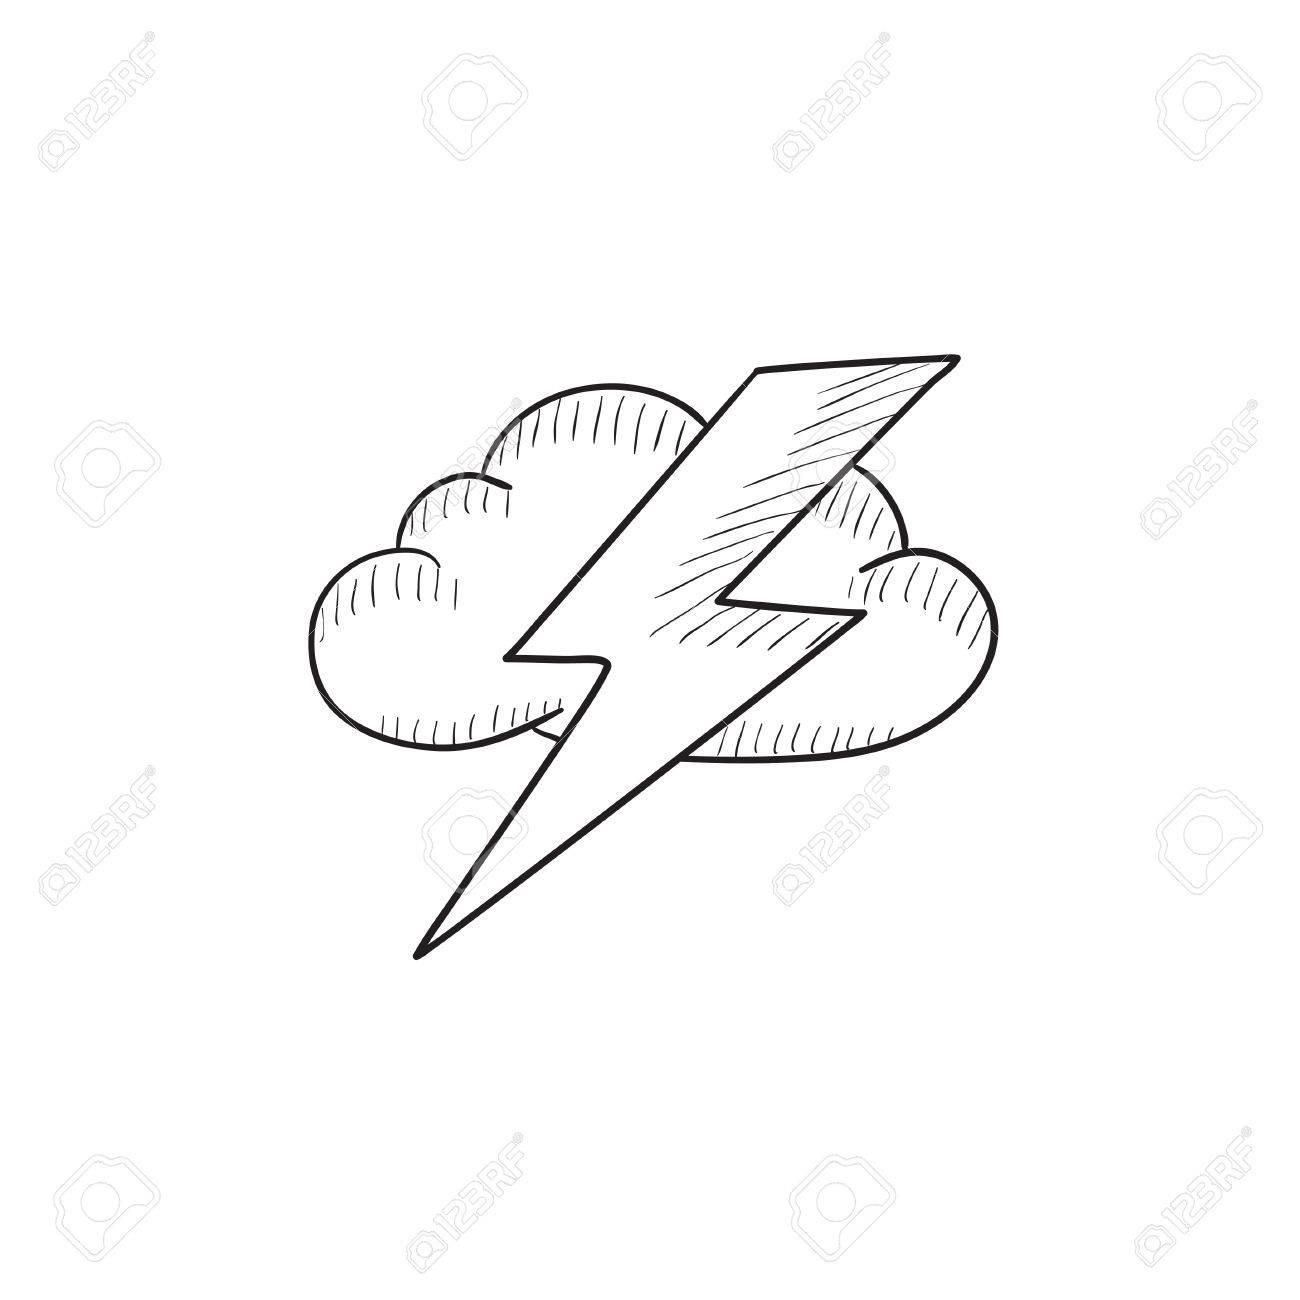 Image result for lightning flash